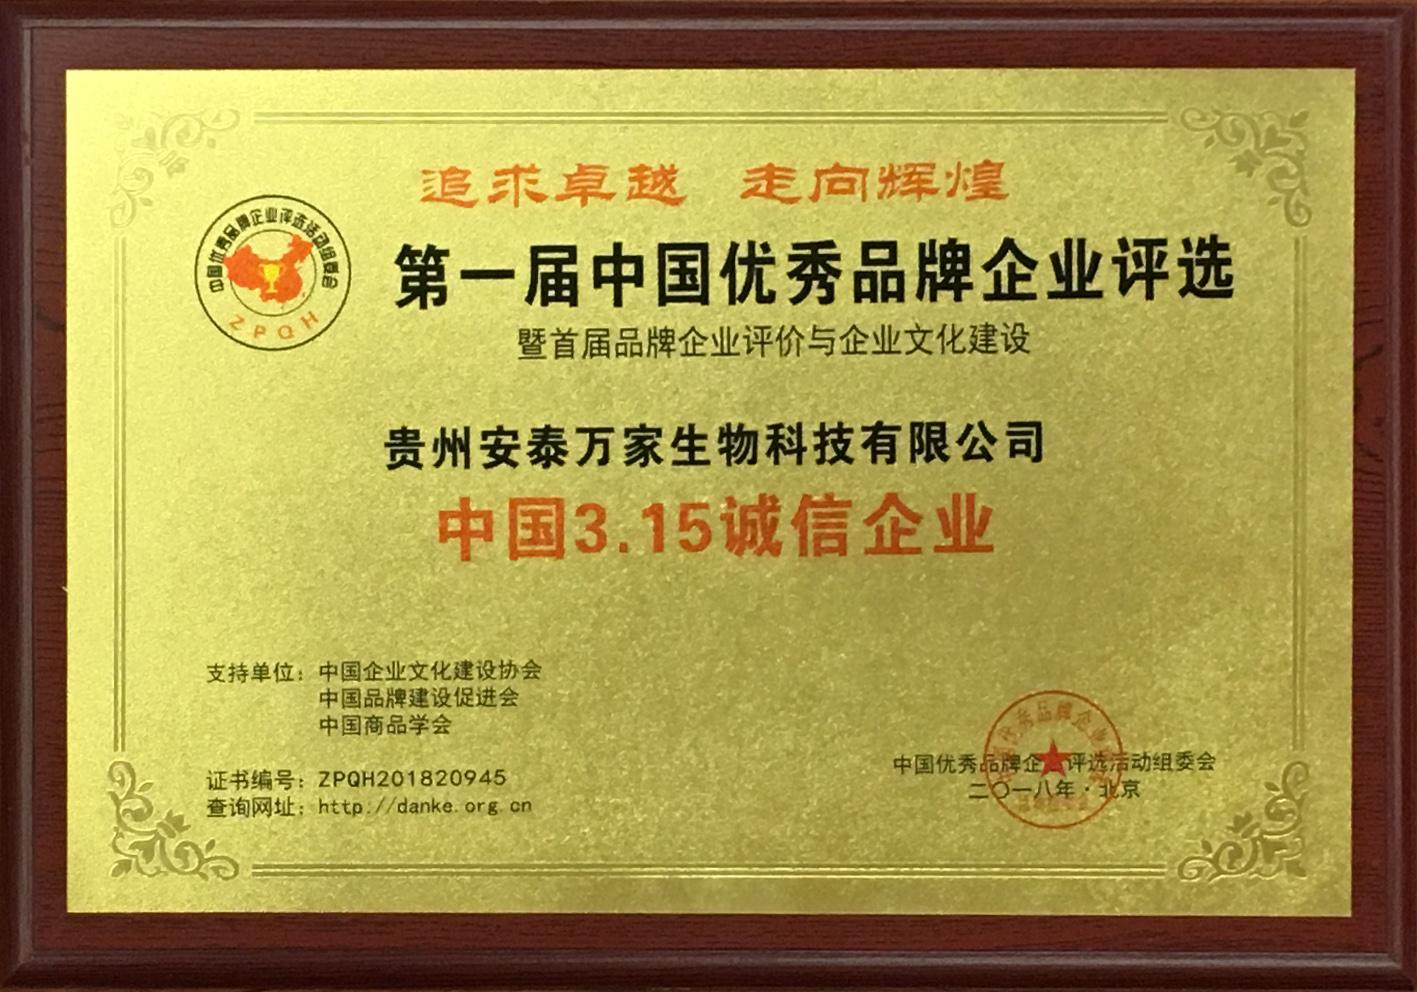 2018年贵州必威体育手机版本下载betway必威手机版荣获中国3.15诚信企业